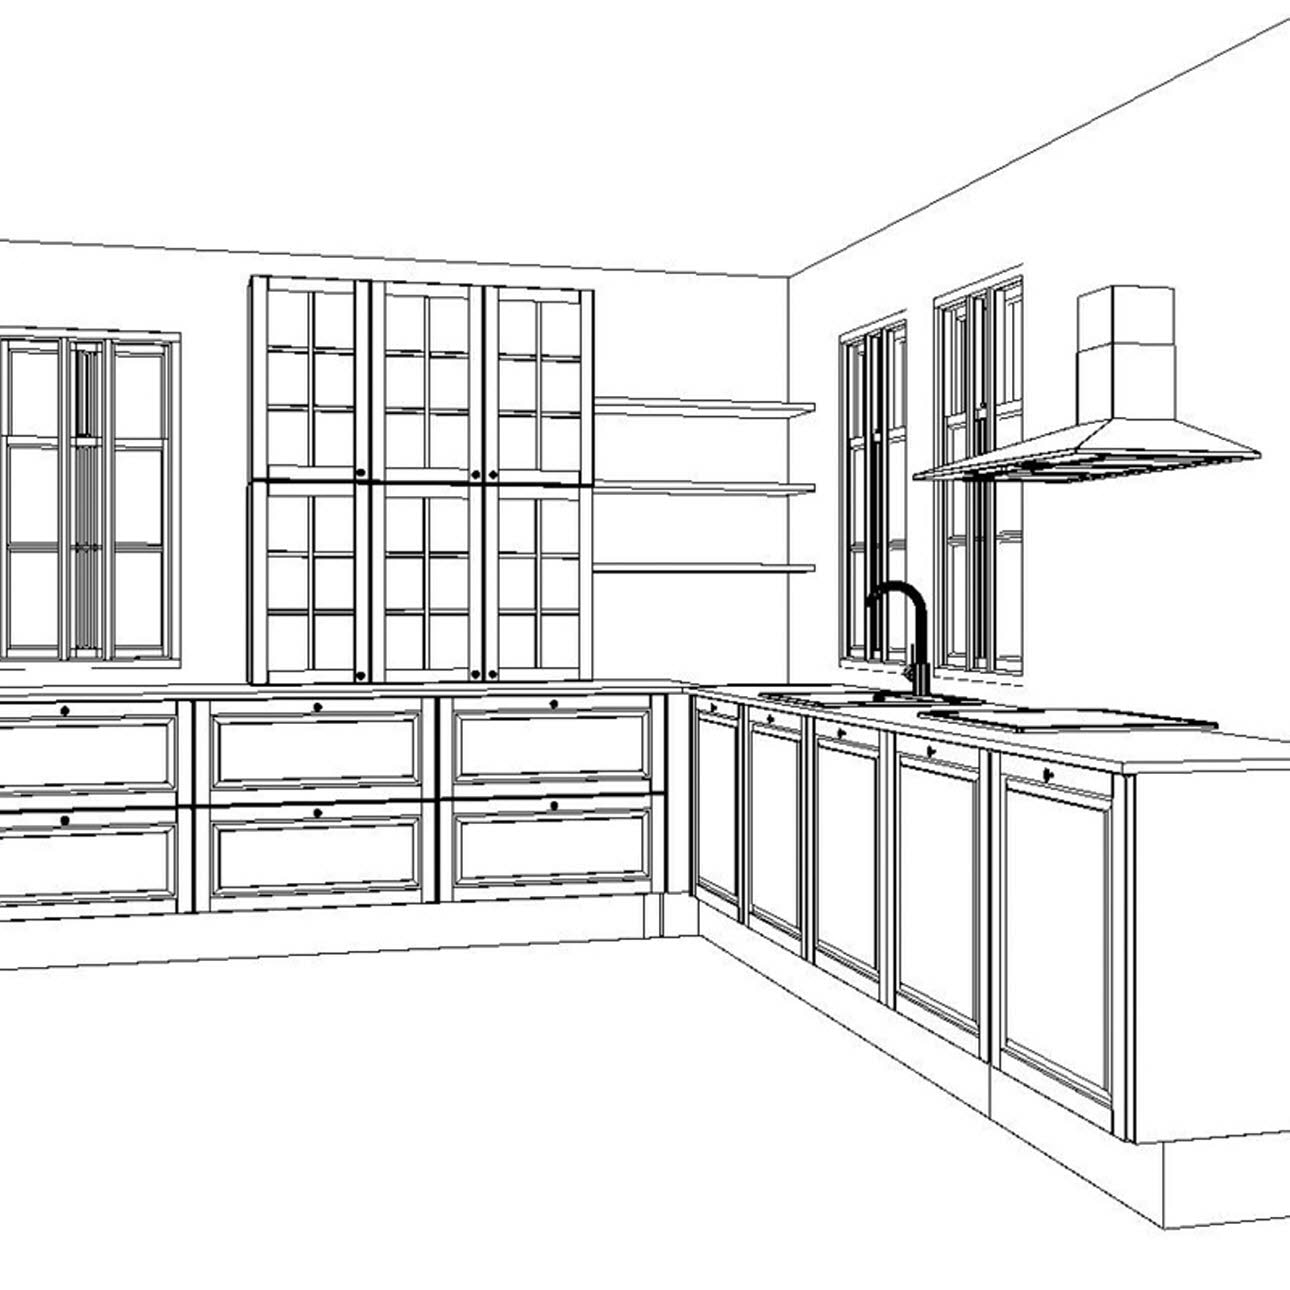 Mitä uusi keittiö maksaa?